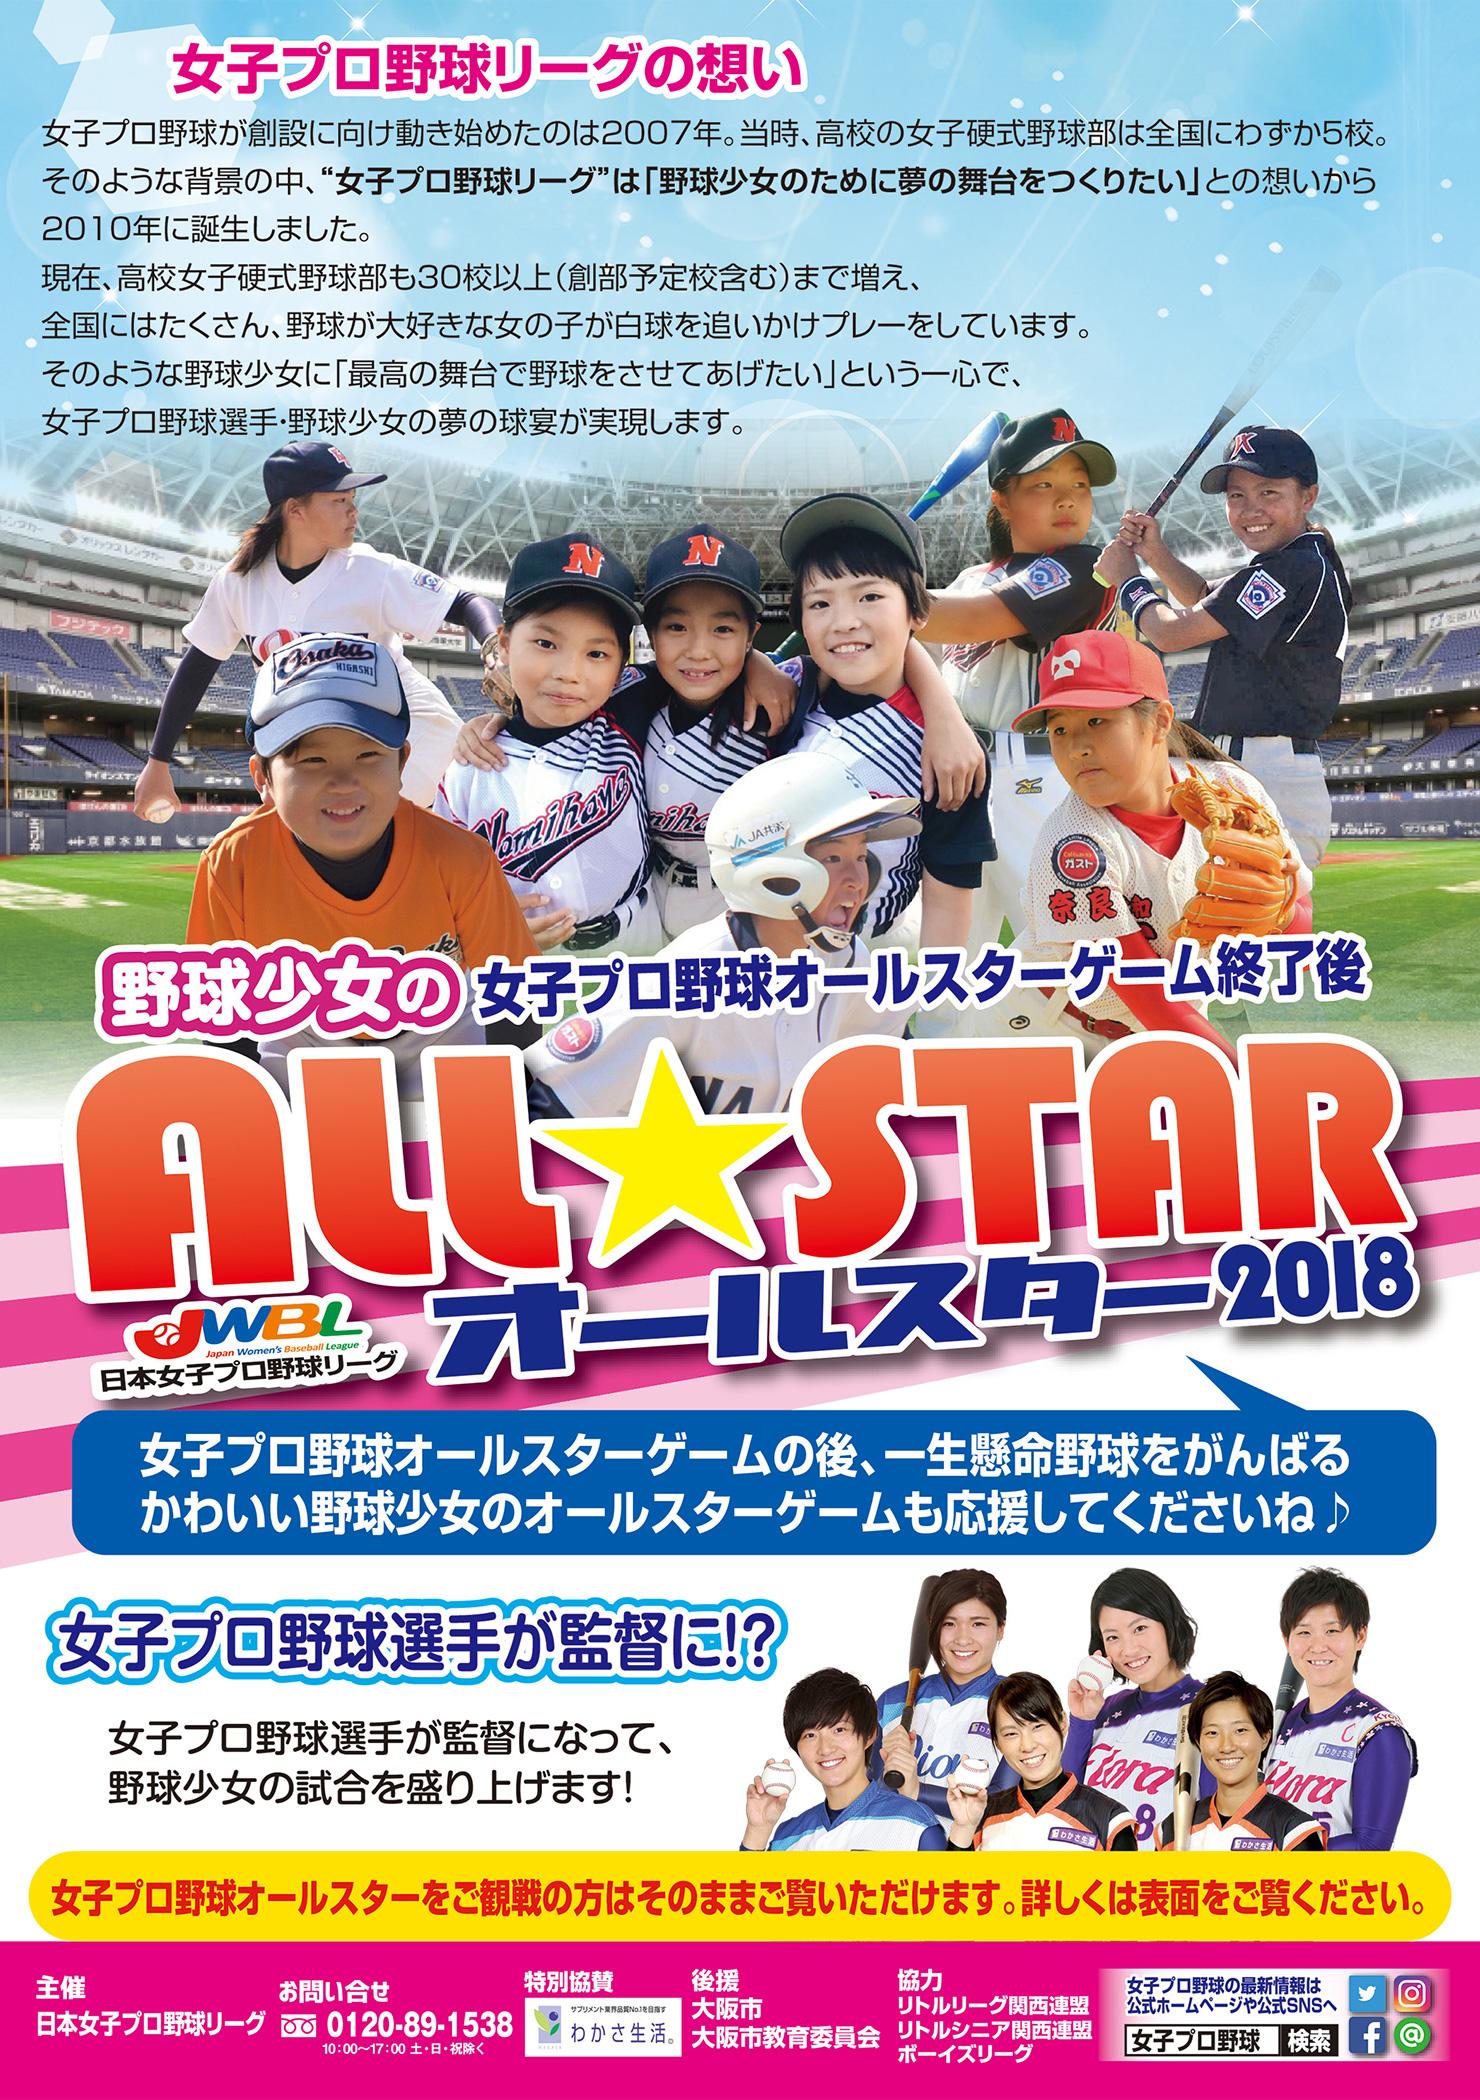 日本女子プロ野球リーグ_シカトキノコ_コラボ特別企画